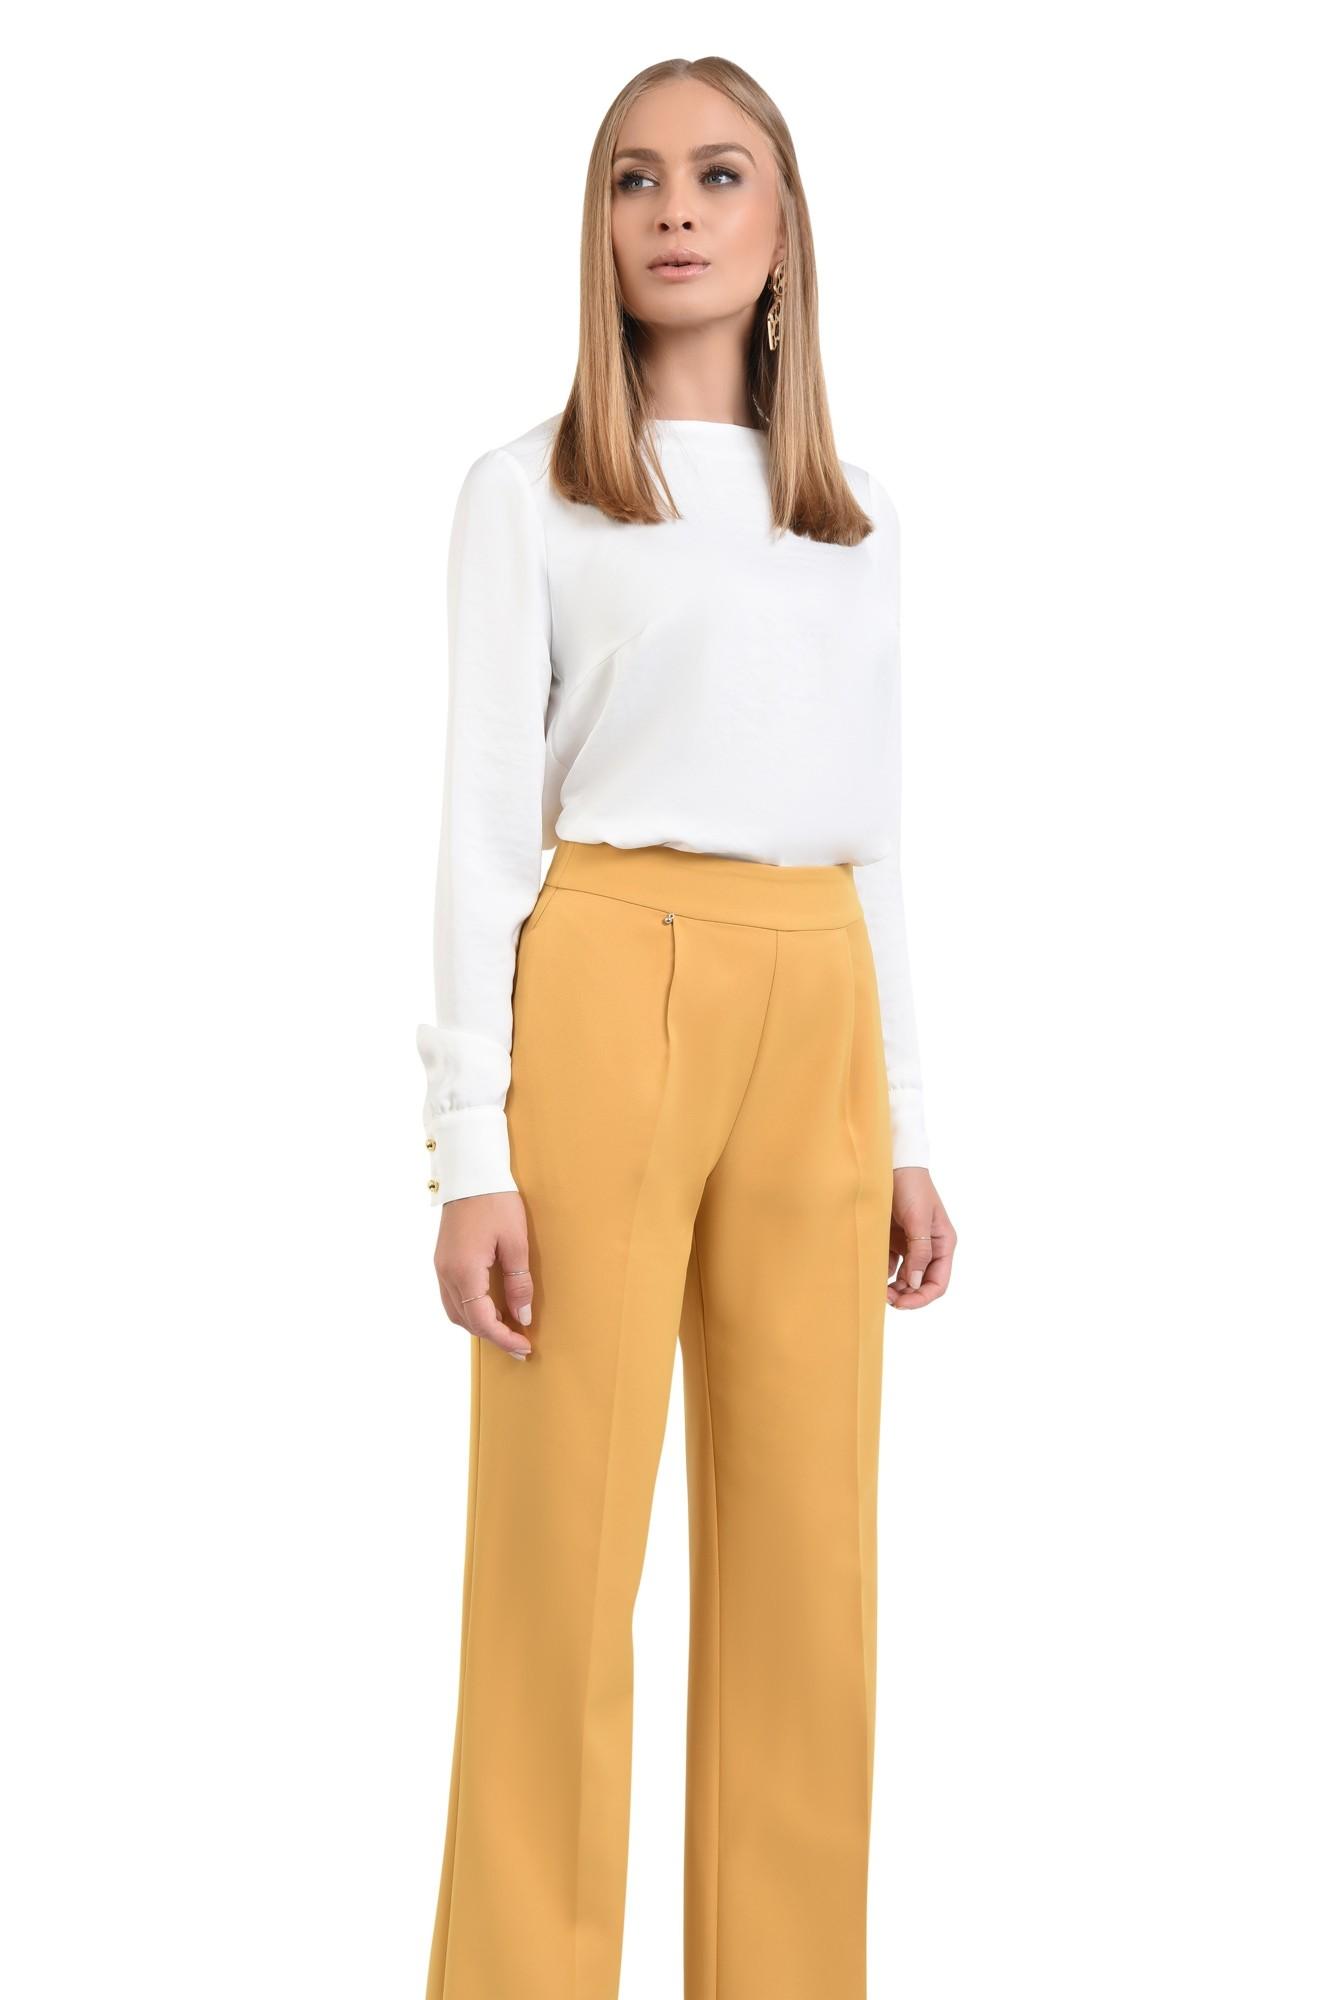 0 - pantaloni casual mustar, pantaloni online, croi larg